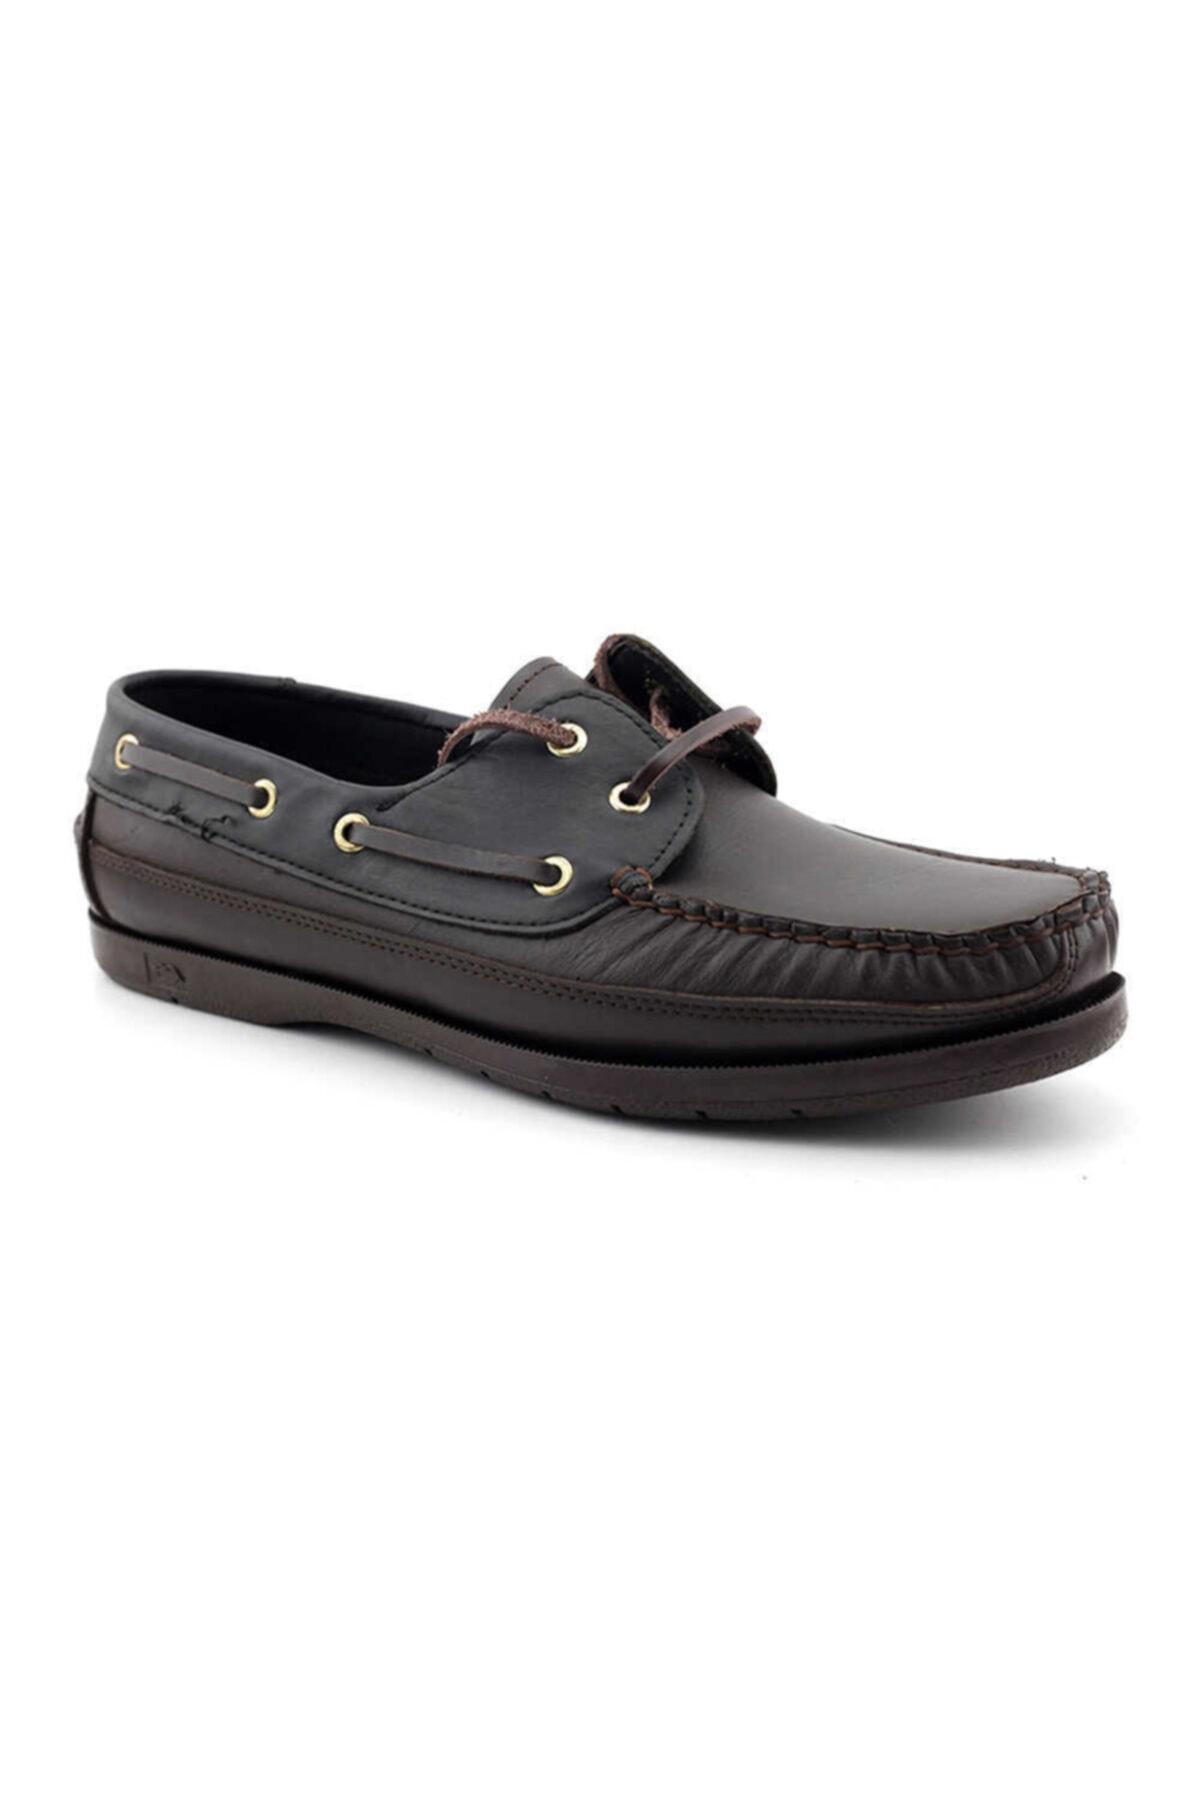 Kayra Erkek Kahverengi Siyah Hakiki Deri Ayakkabı 301 2